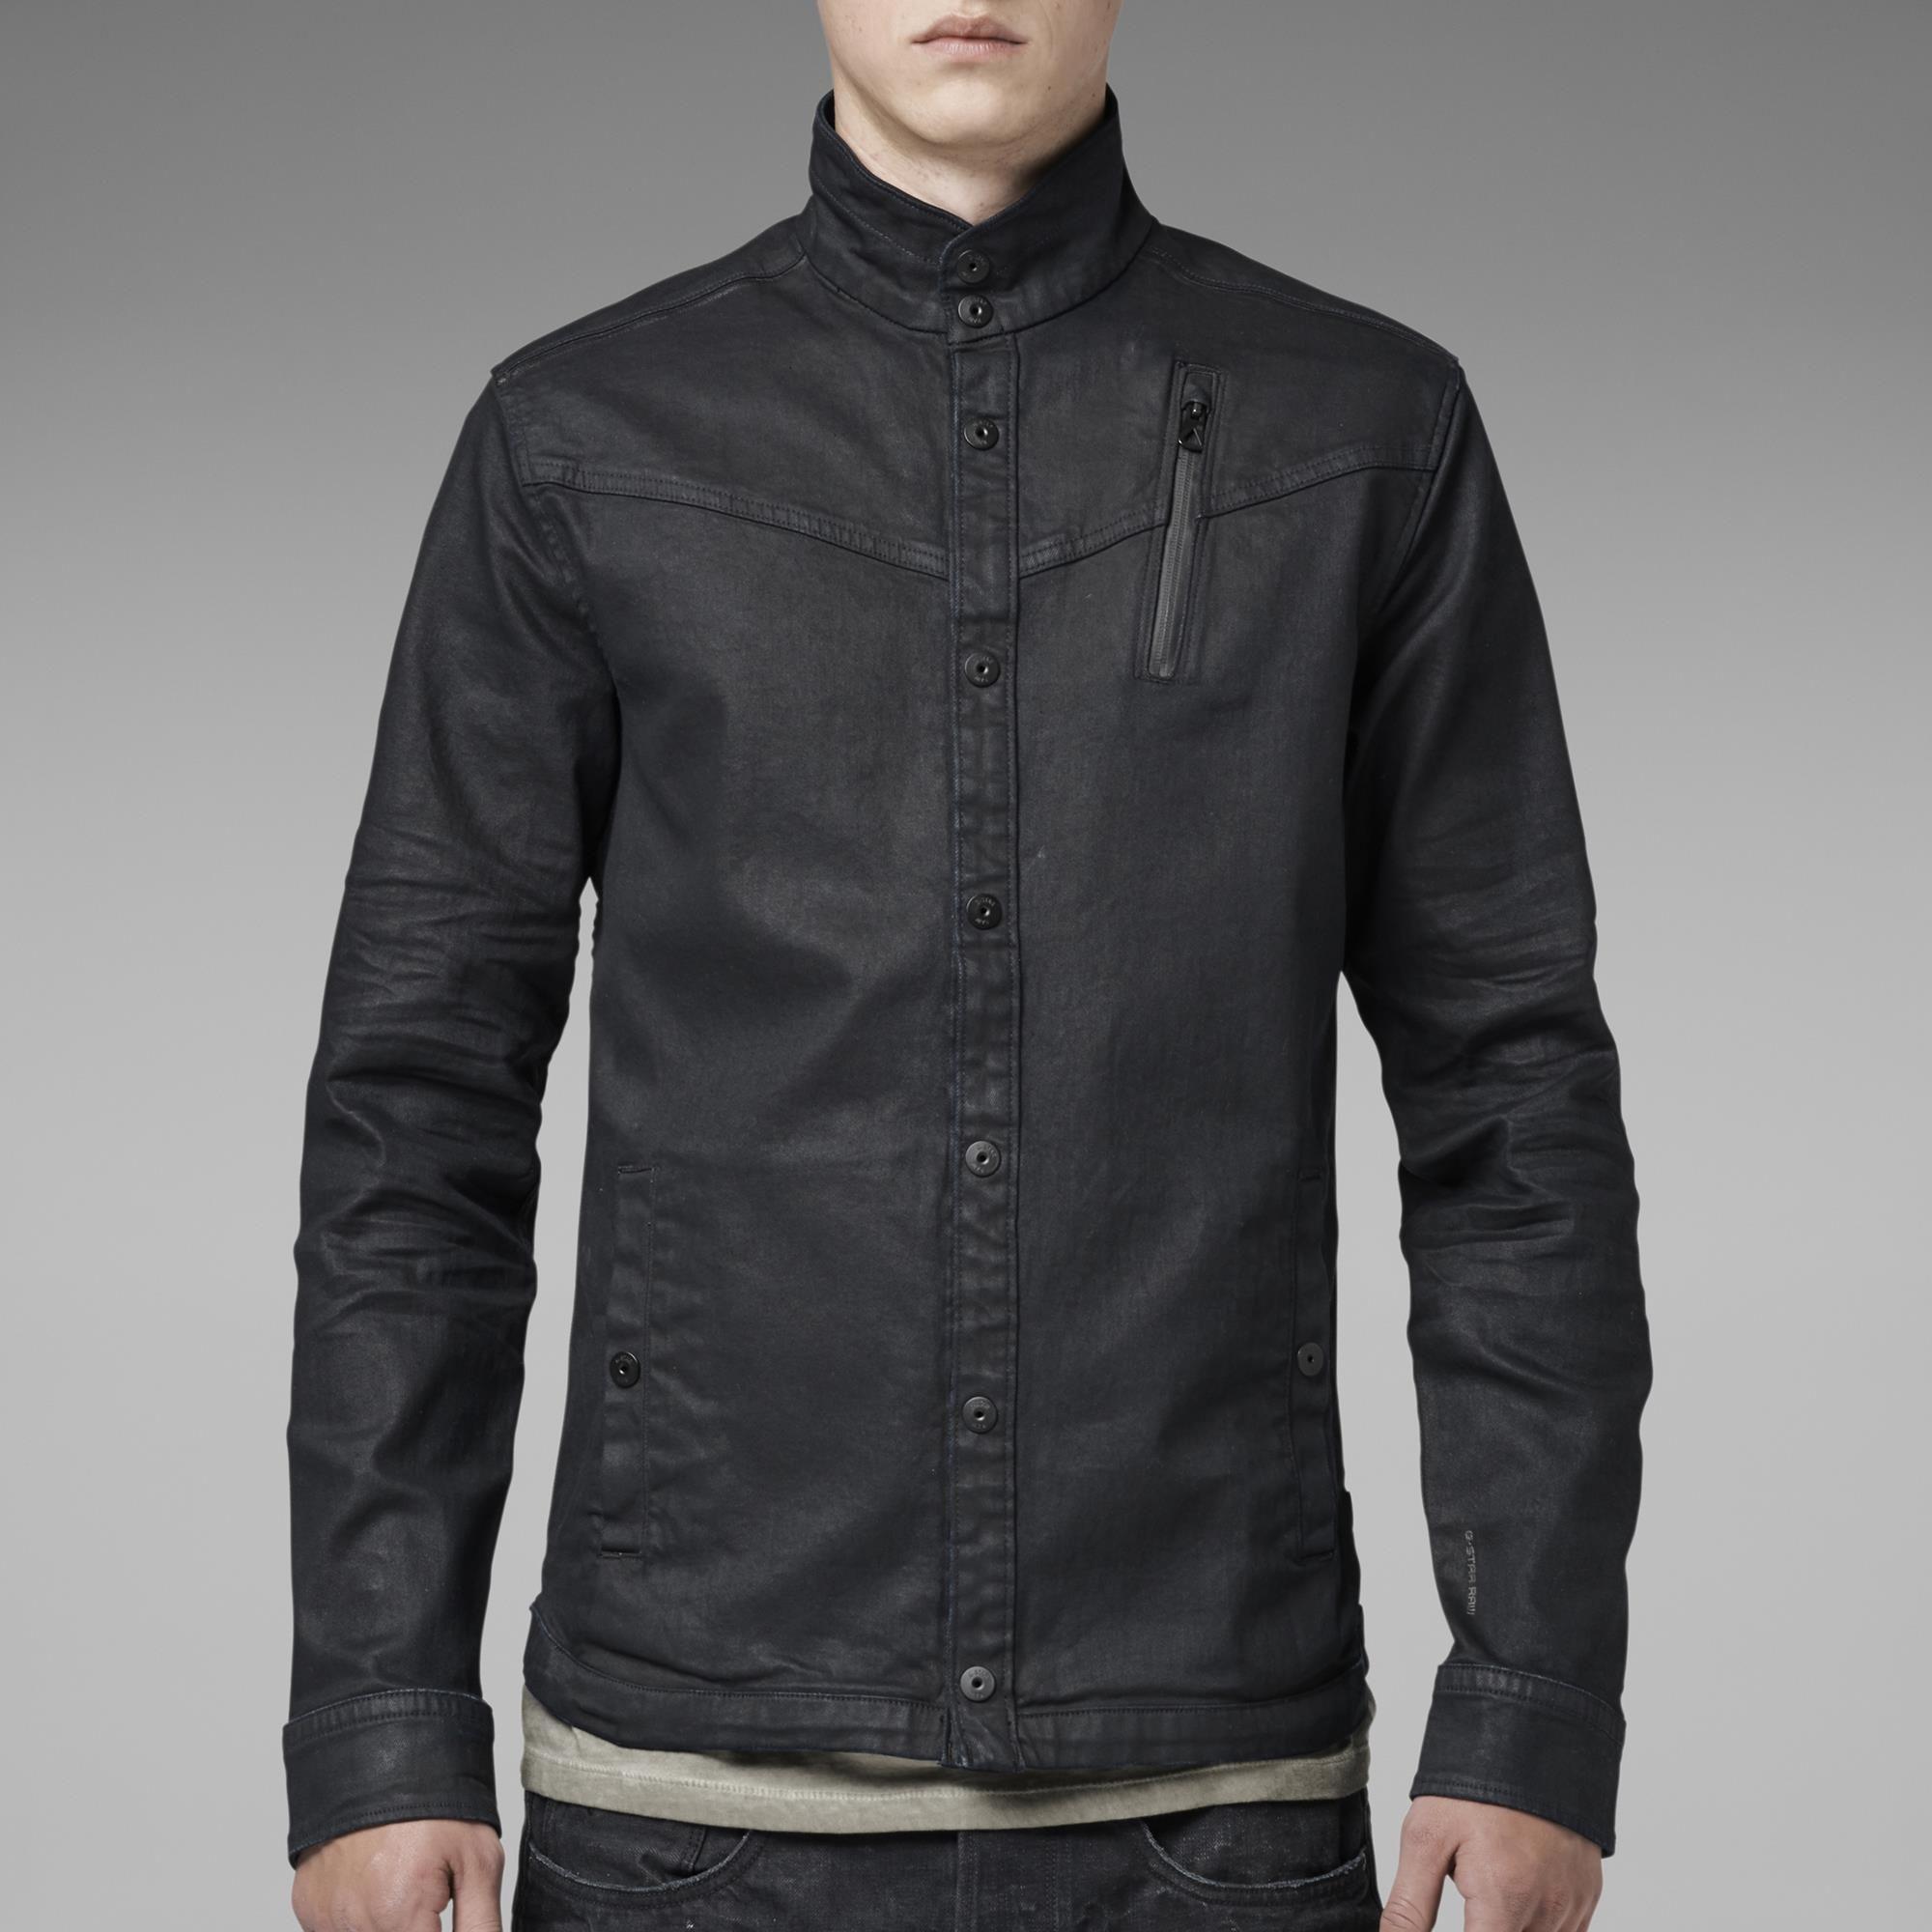 G-STAR RAW Pocket Long Sleeve Sudadera para Hombre